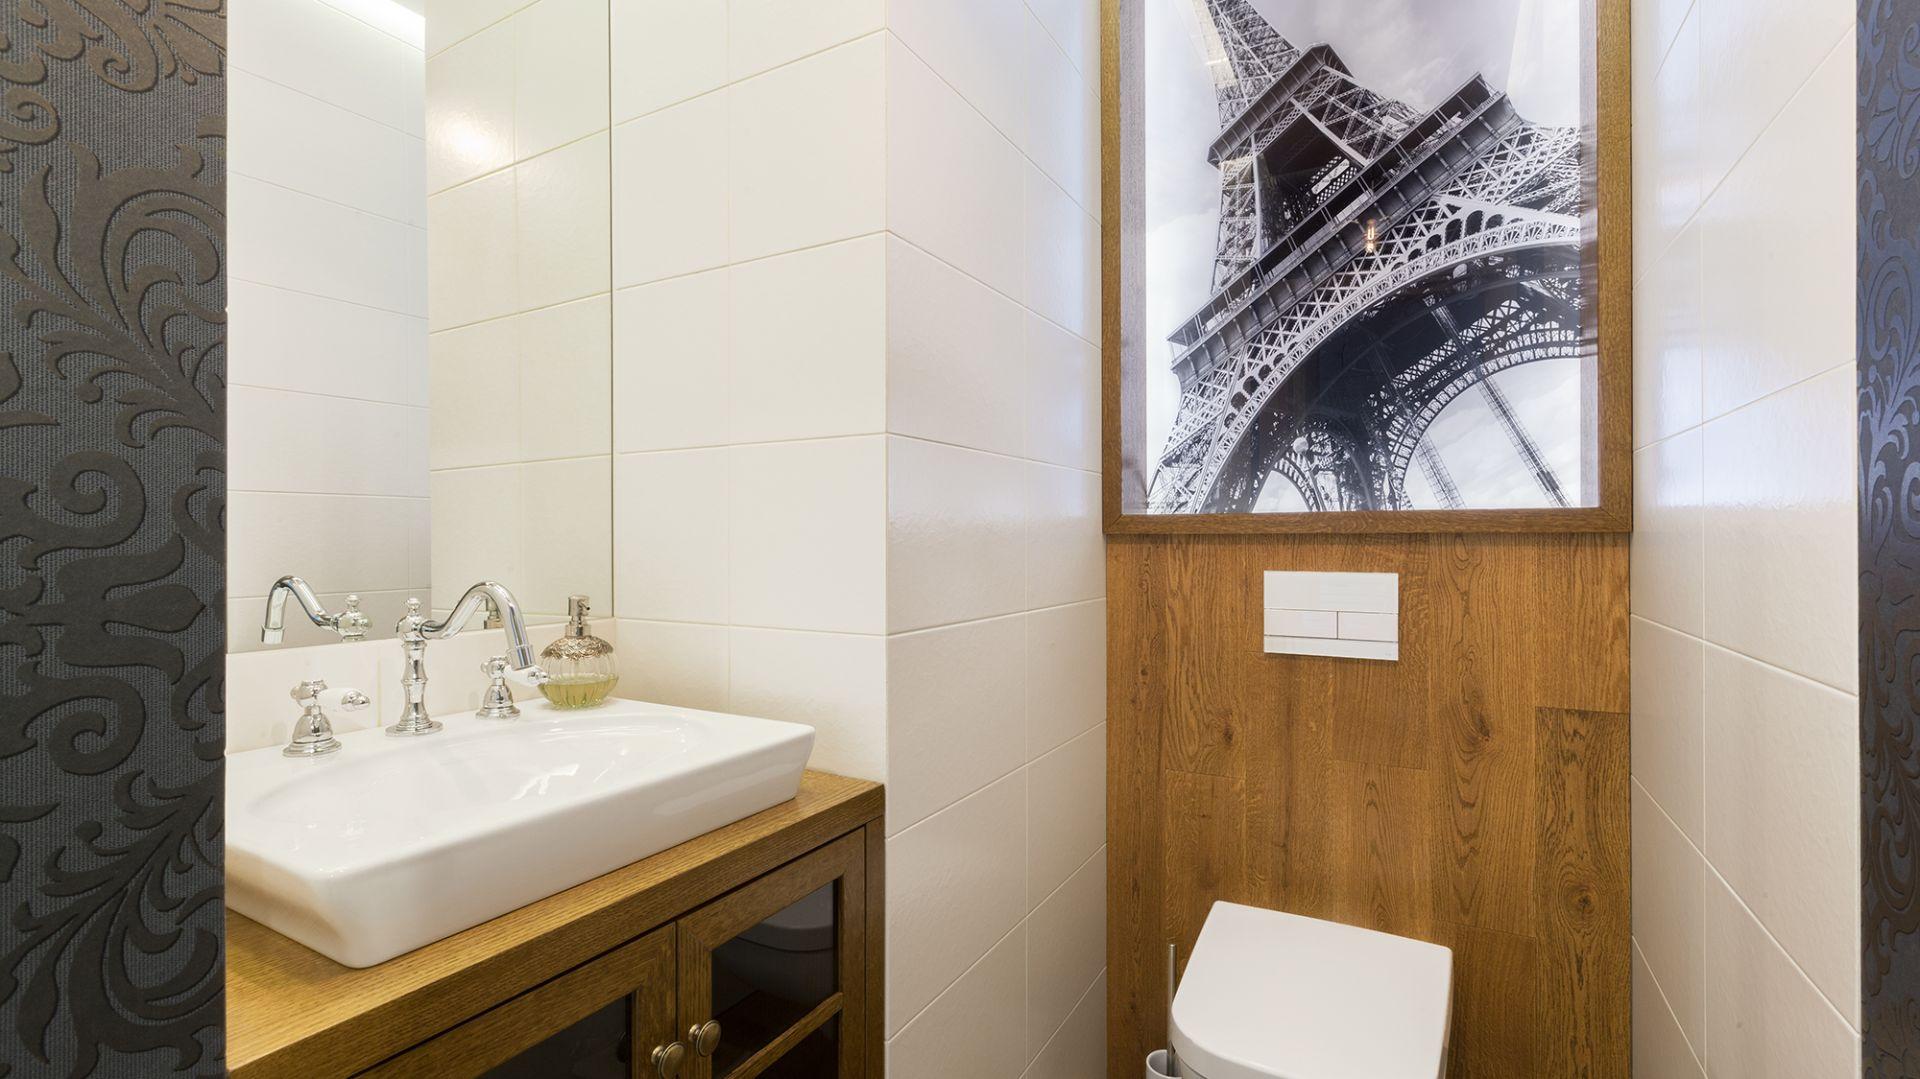 Poprowadzone pod sam sufit lustro optycznie powiększa wnętrze wąskiej toalety. Projekt: Arte Architekci. Zdjęcia: Arte Architekci